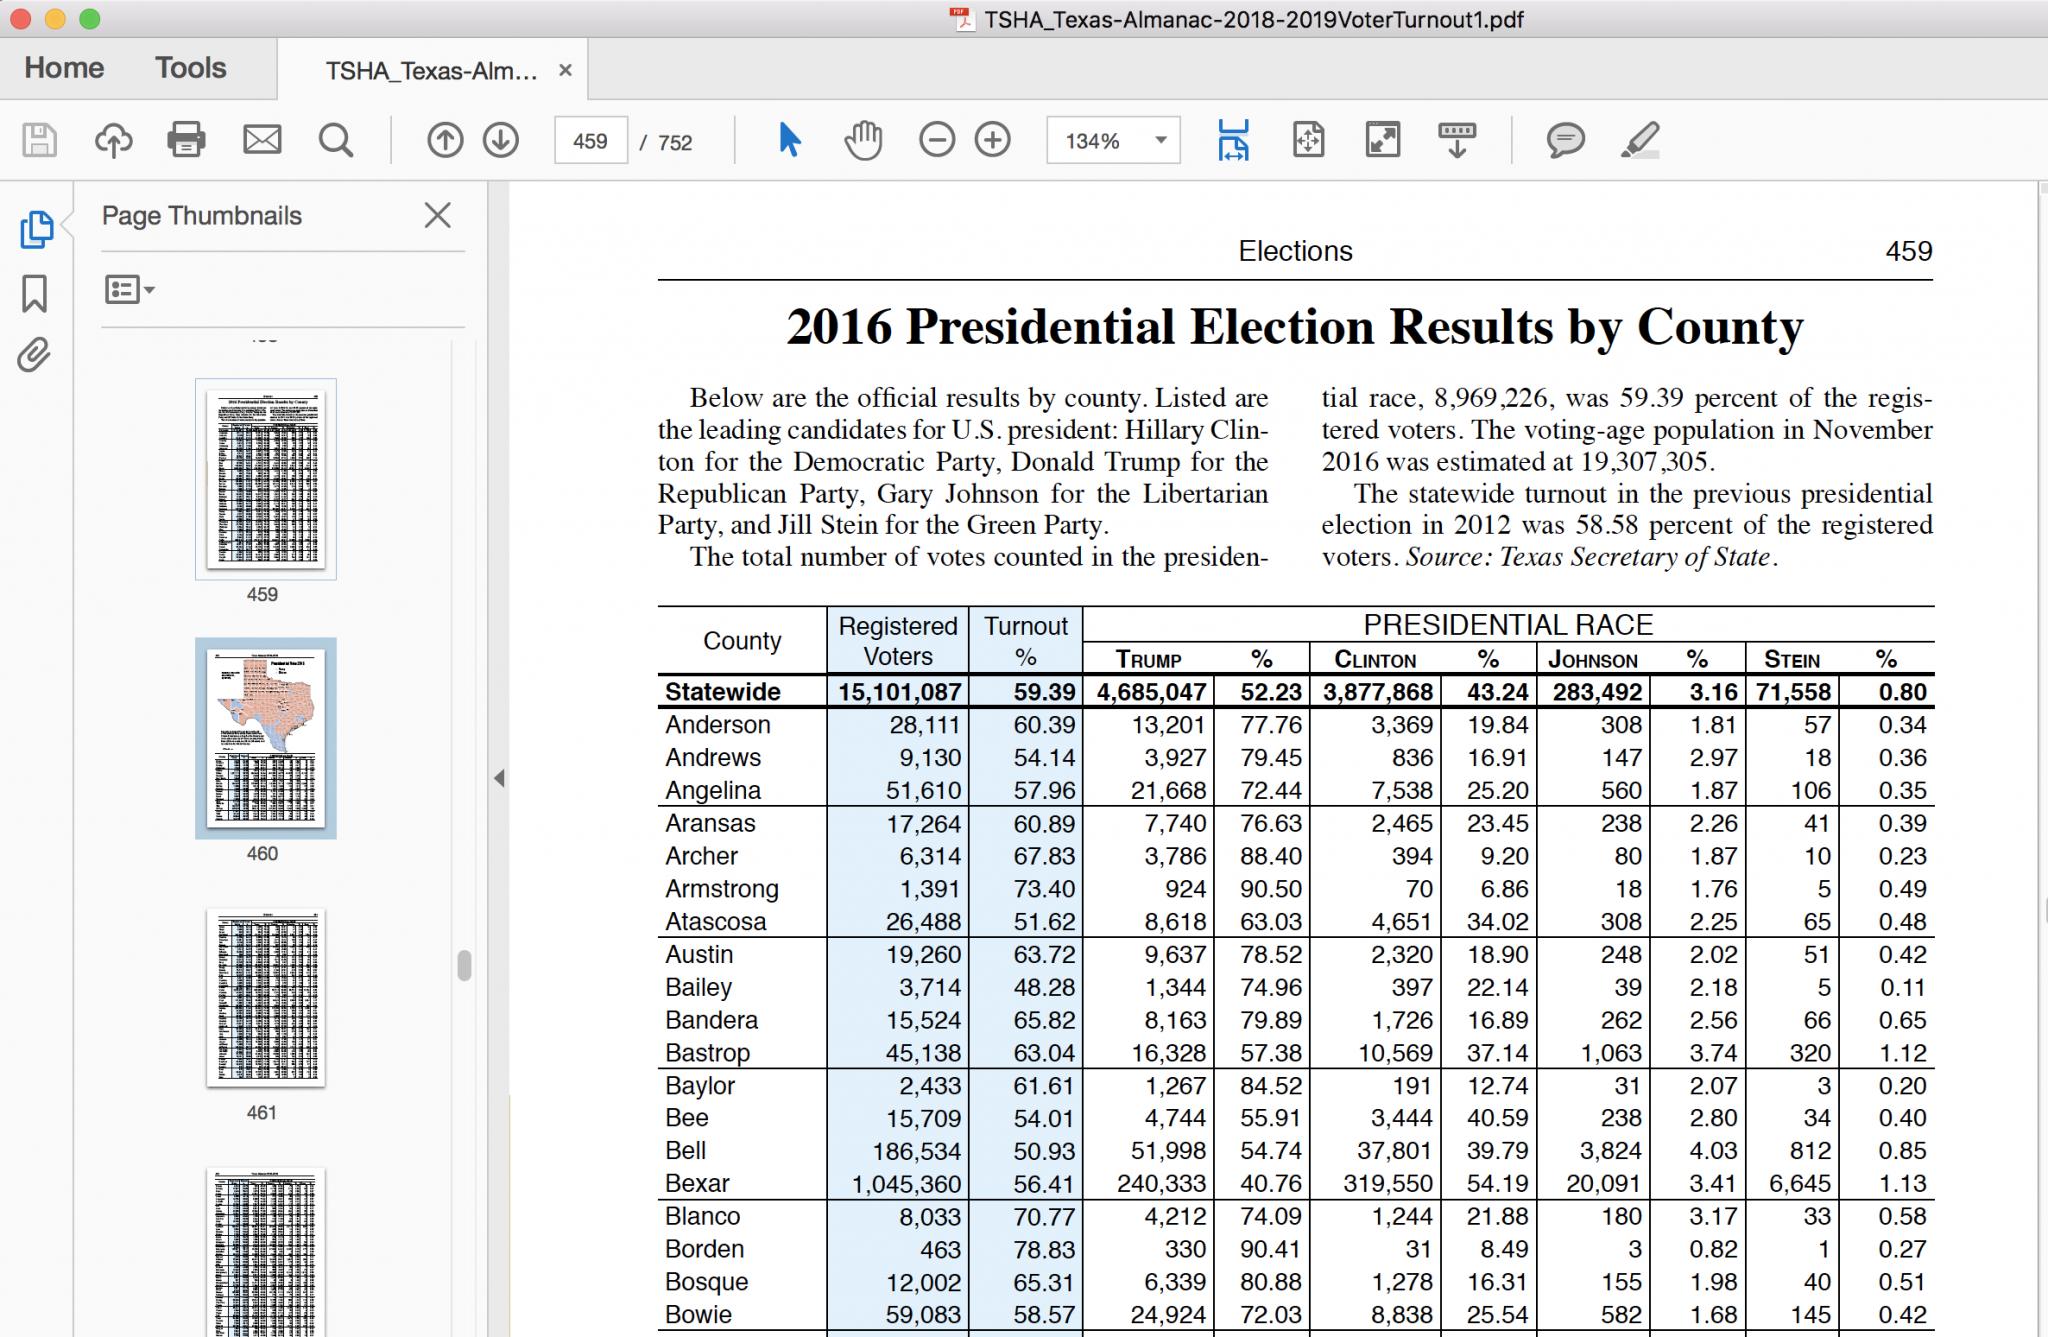 Texas Almanac PDF